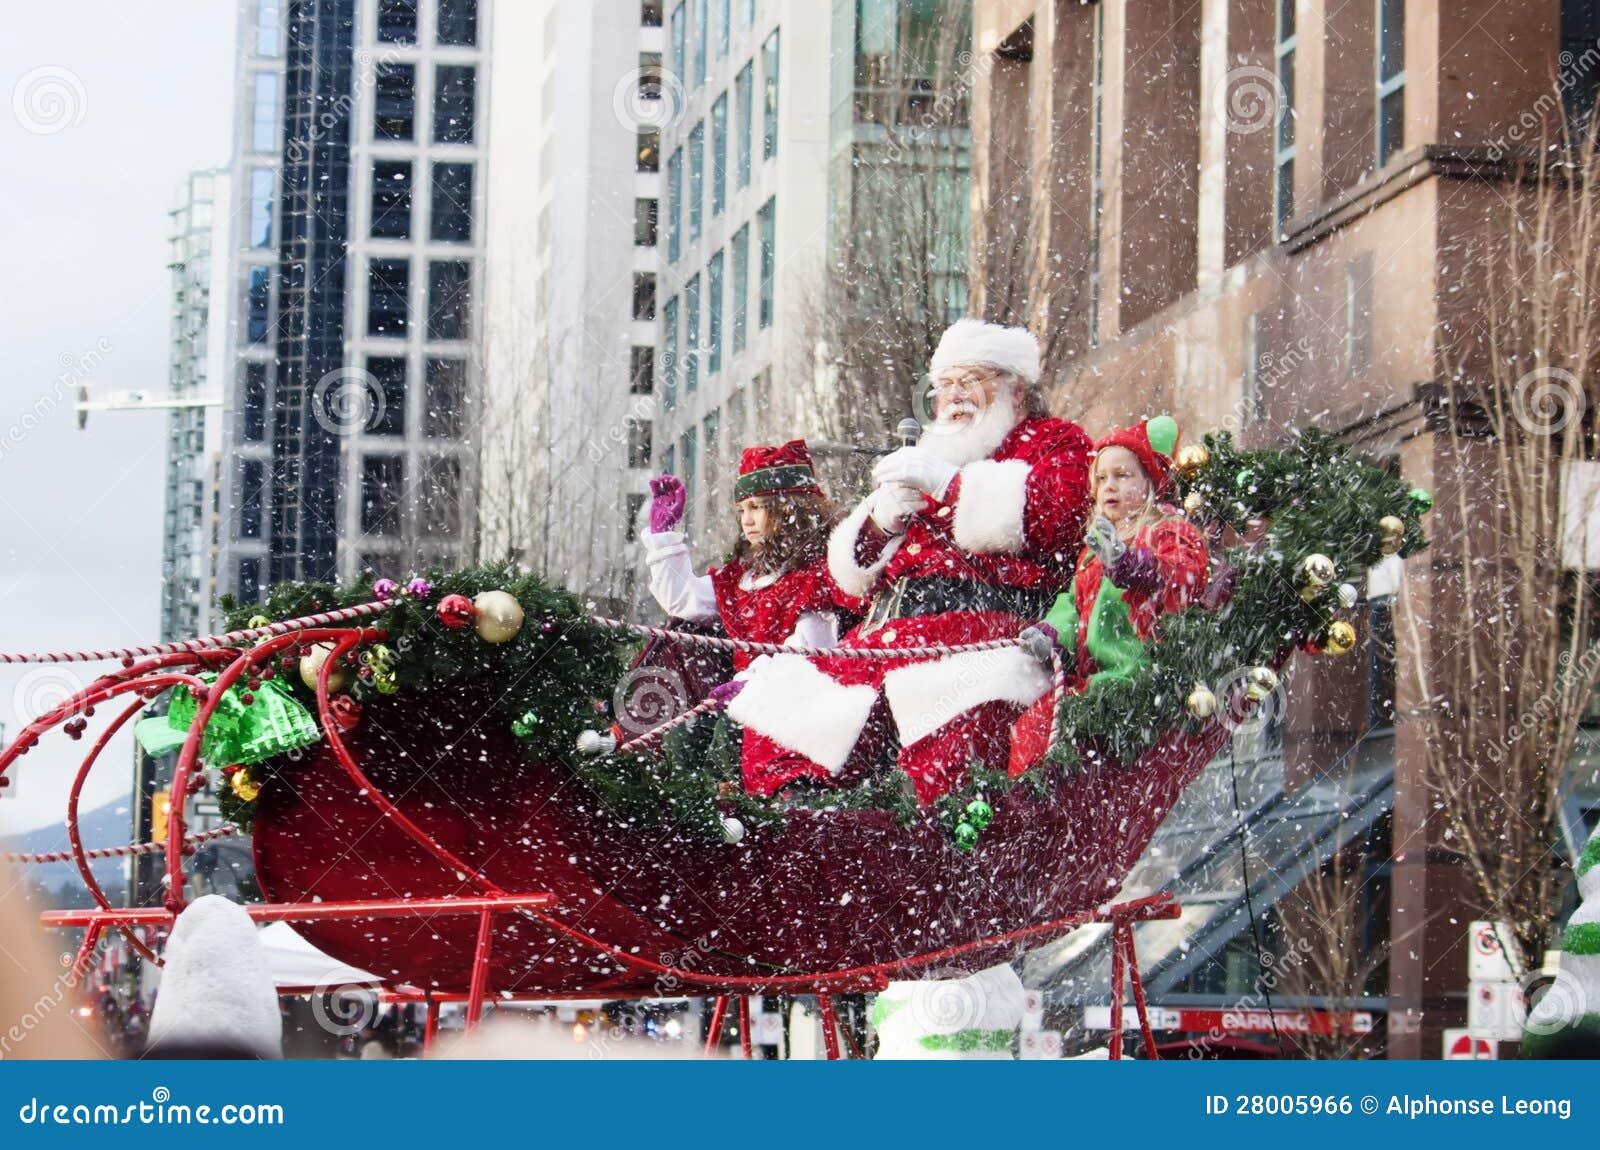 Weihnachtsmann an der Weihnachtsparade im Stadtzentrum gelegen